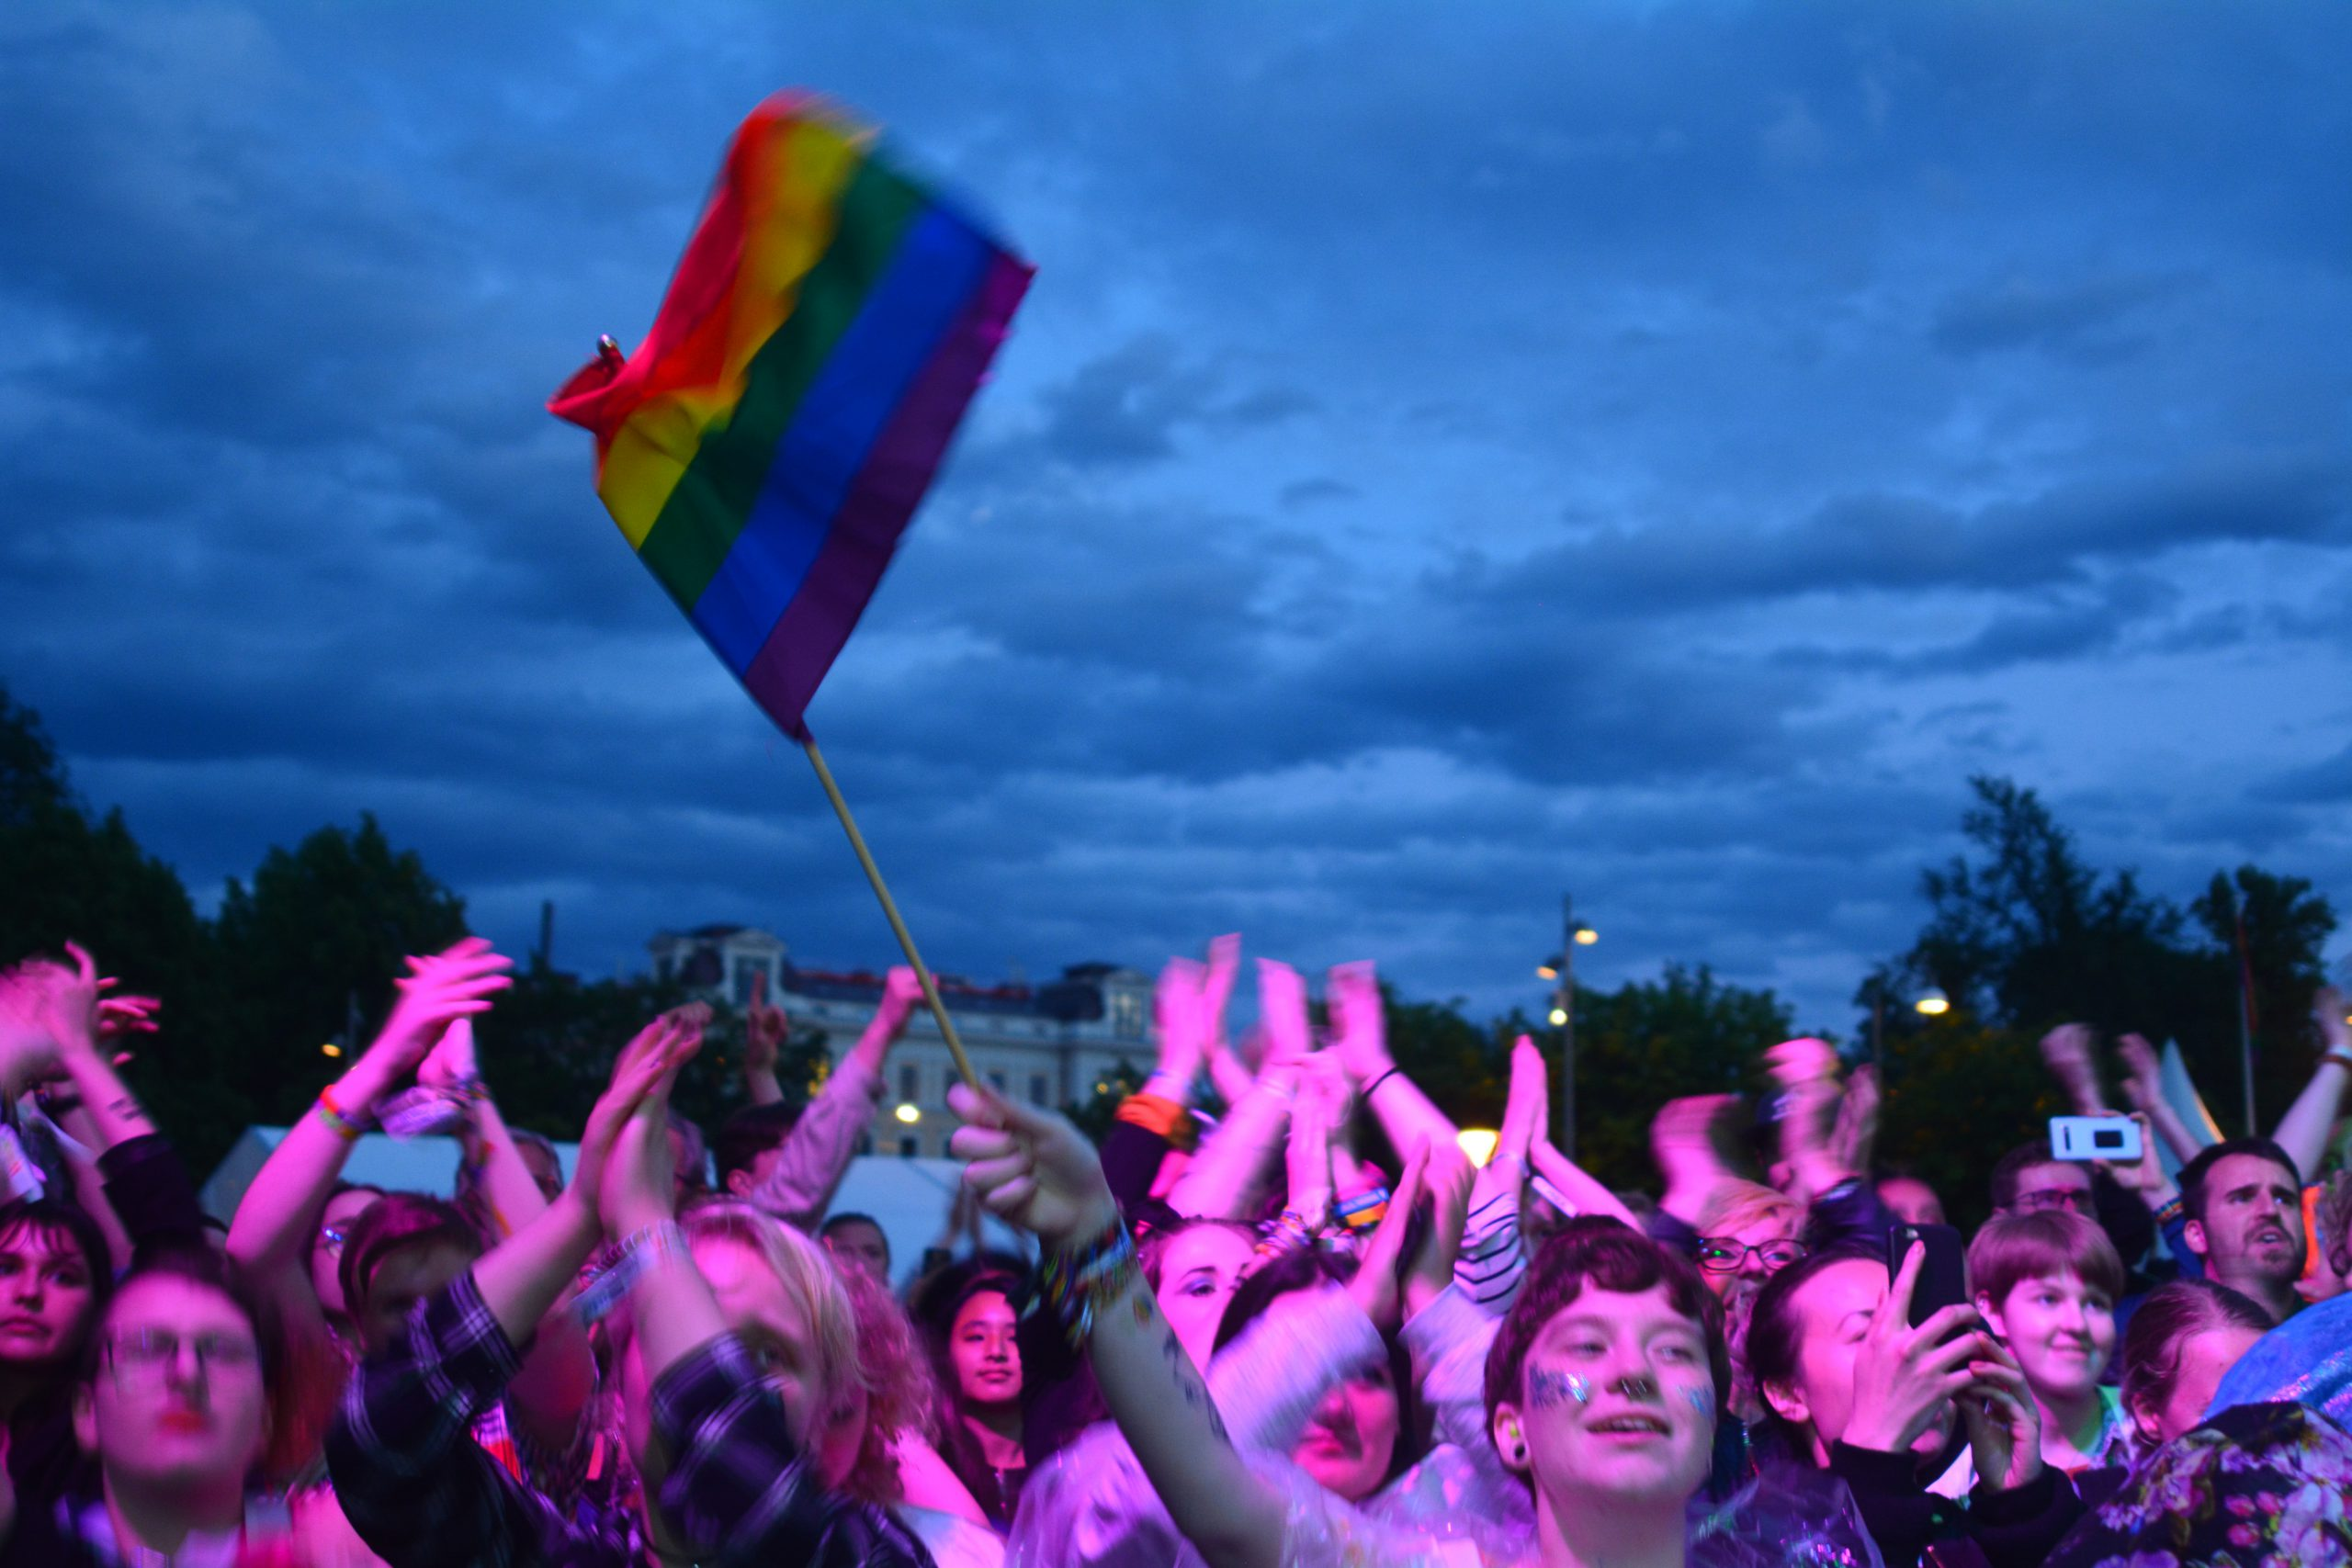 glada personer framför en scen tittar på ett uppträdande när det är kväll